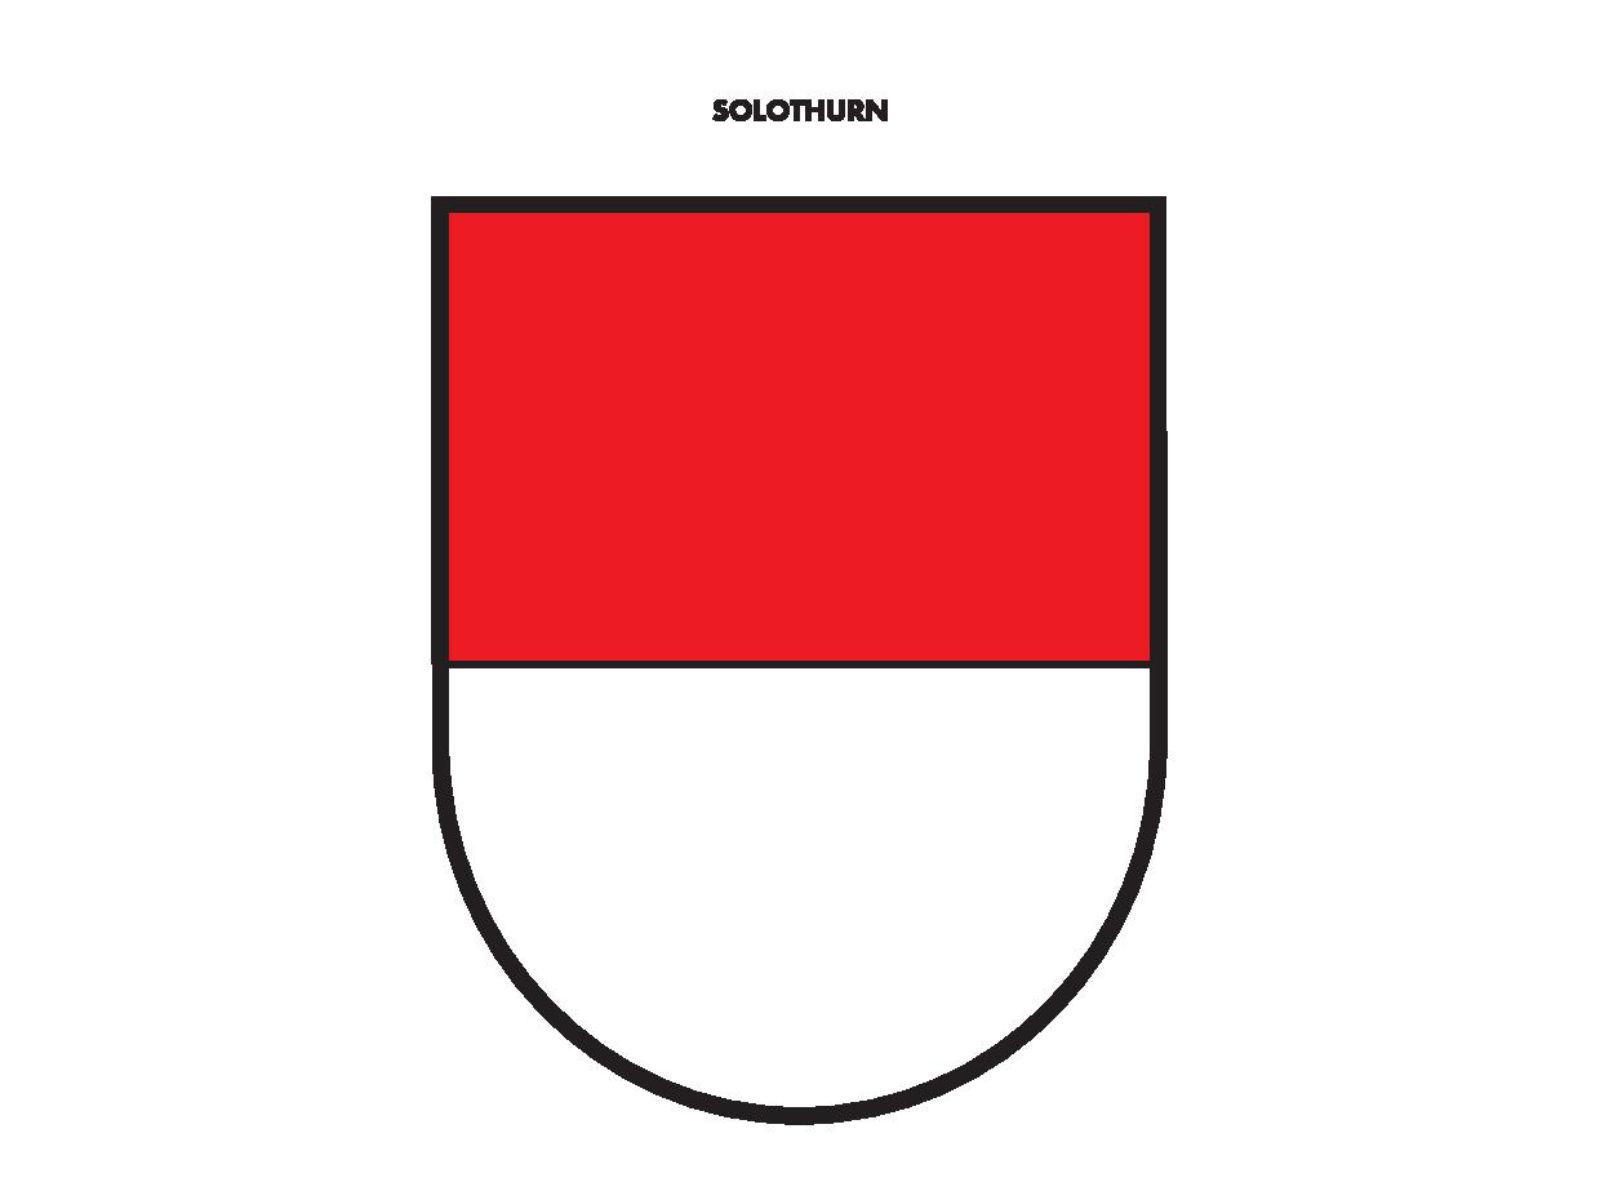 Schweizer Kantone – Solothurn